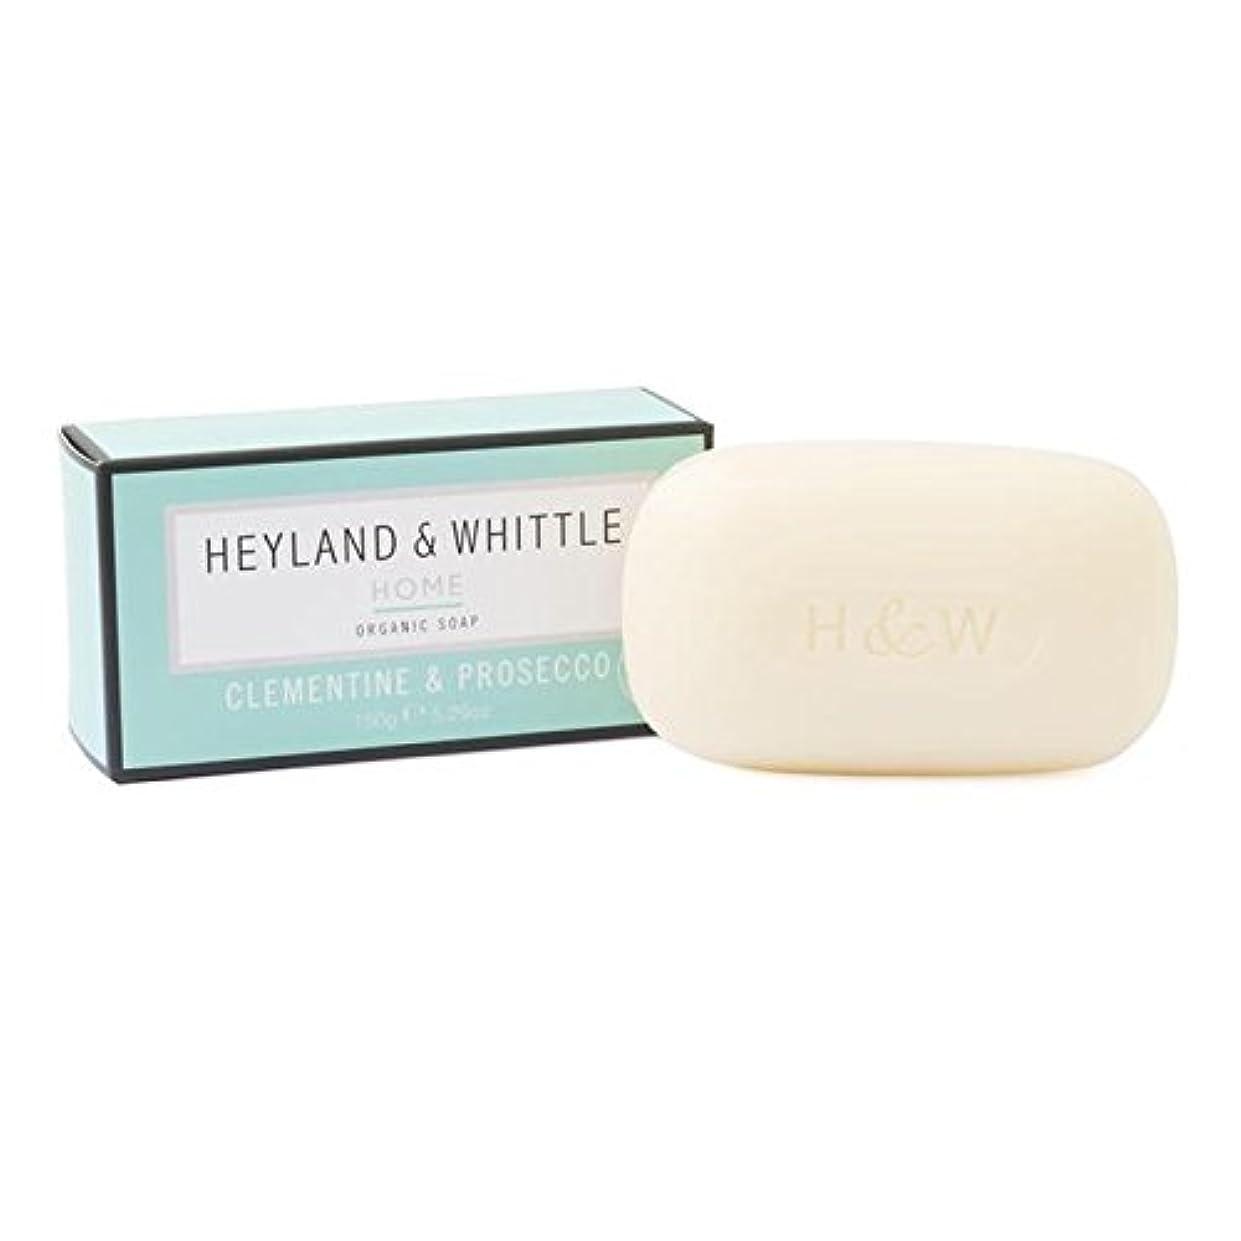 癒す視線疑い&削るホームクレメンタイン&プロセッコ有機石鹸150グラム x2 - Heyland & Whittle Home Clementine & Prosecco Organic Soap 150g (Pack of 2)...